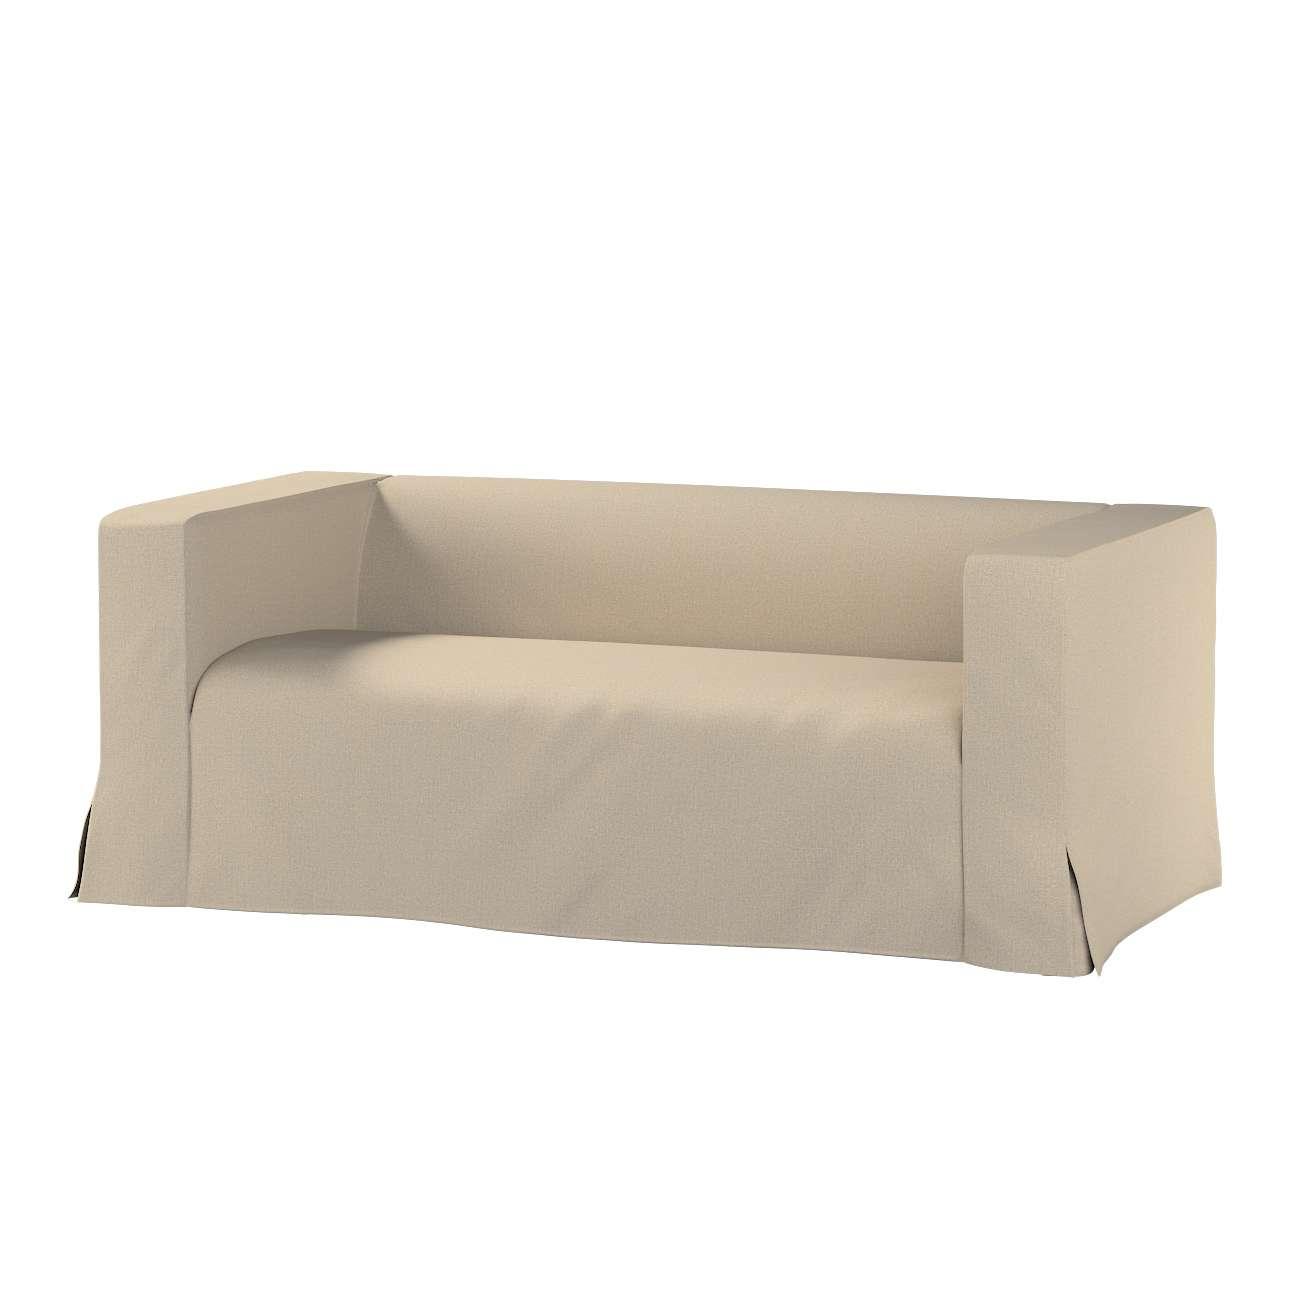 Klippan dvivietės sofos užvalkalas (ilgas, iki žemės) Klippan dvivietės sofos užvalkalas (ilgas, iki žemės) kolekcijoje Edinburgh , audinys: 115-78